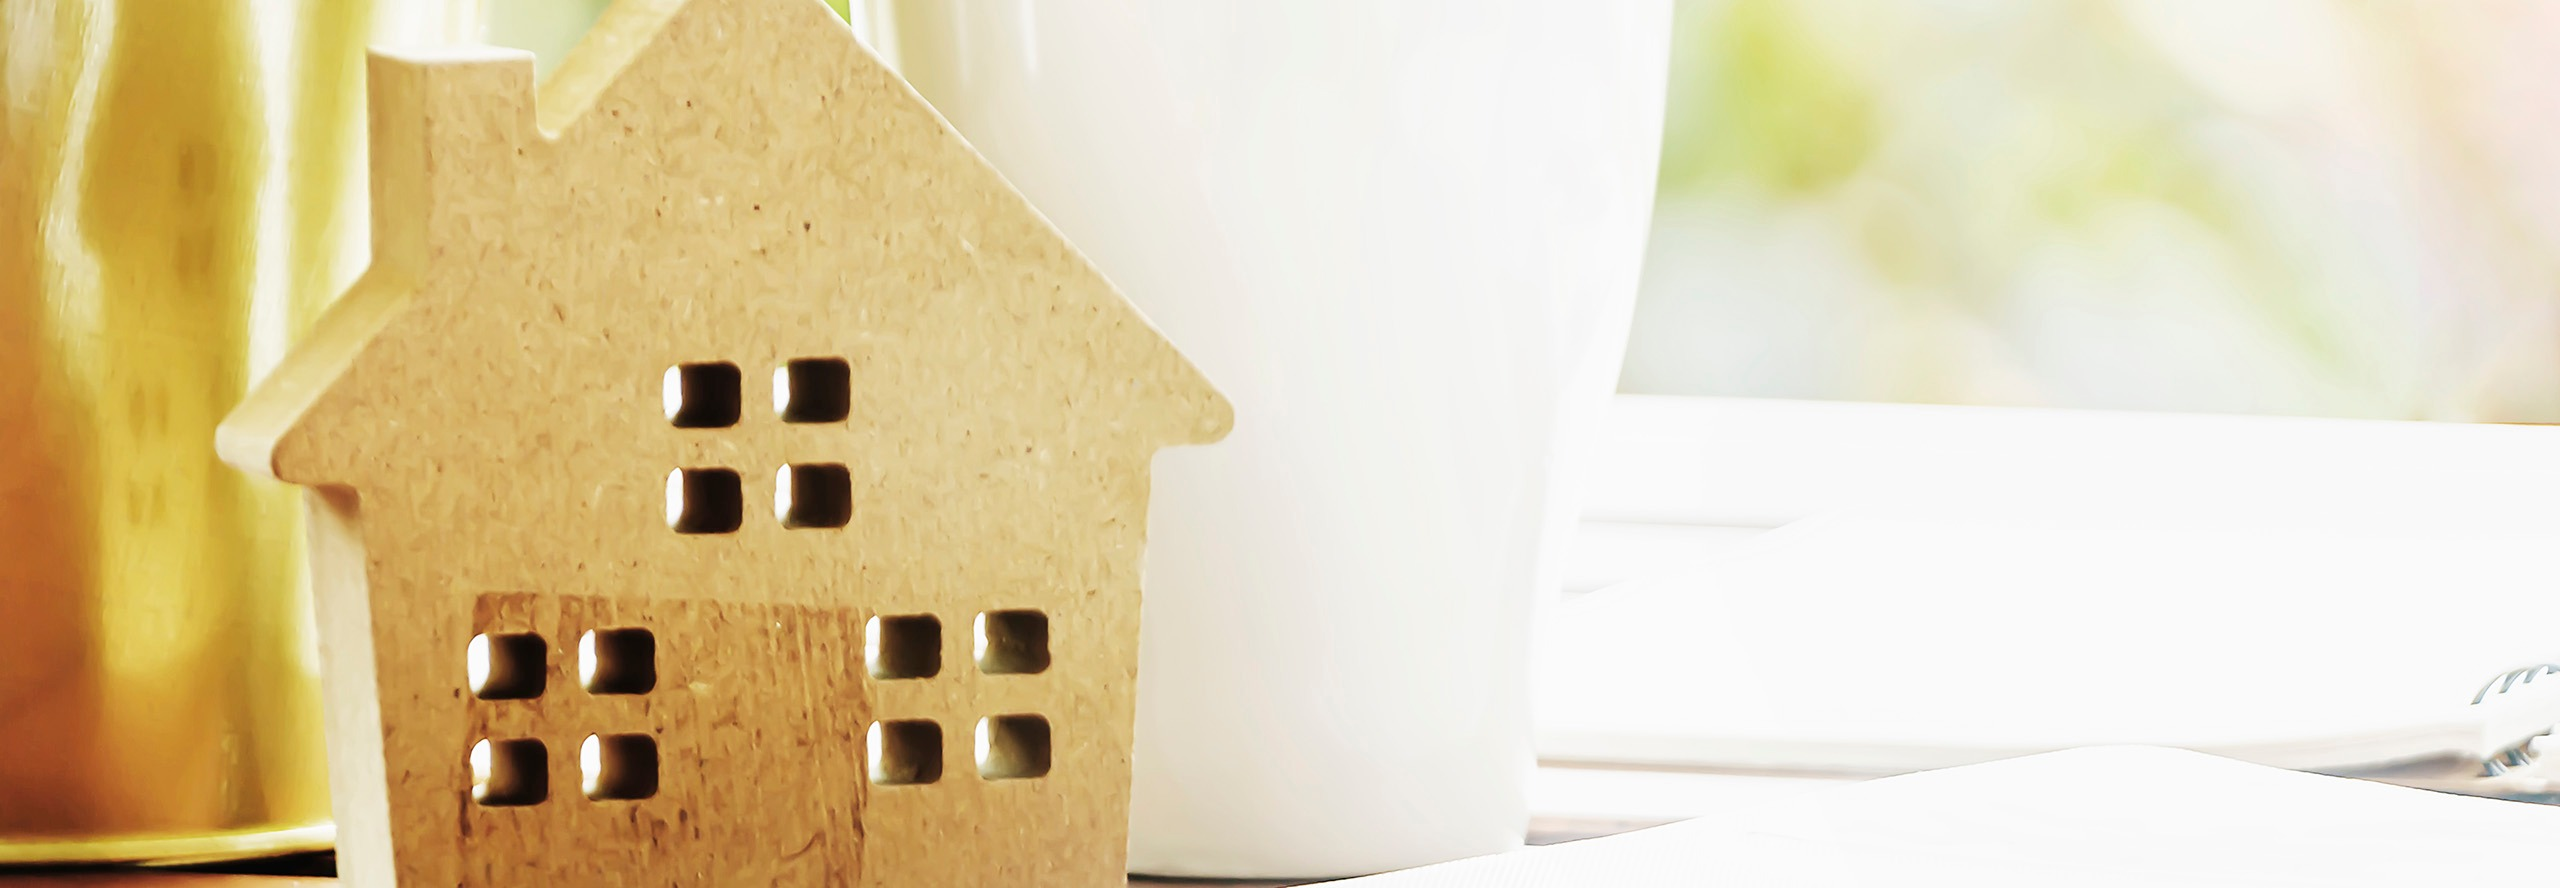 Ik ga scheiden maar ga bijna met pensioen. Kan ik een ander huis kopen?